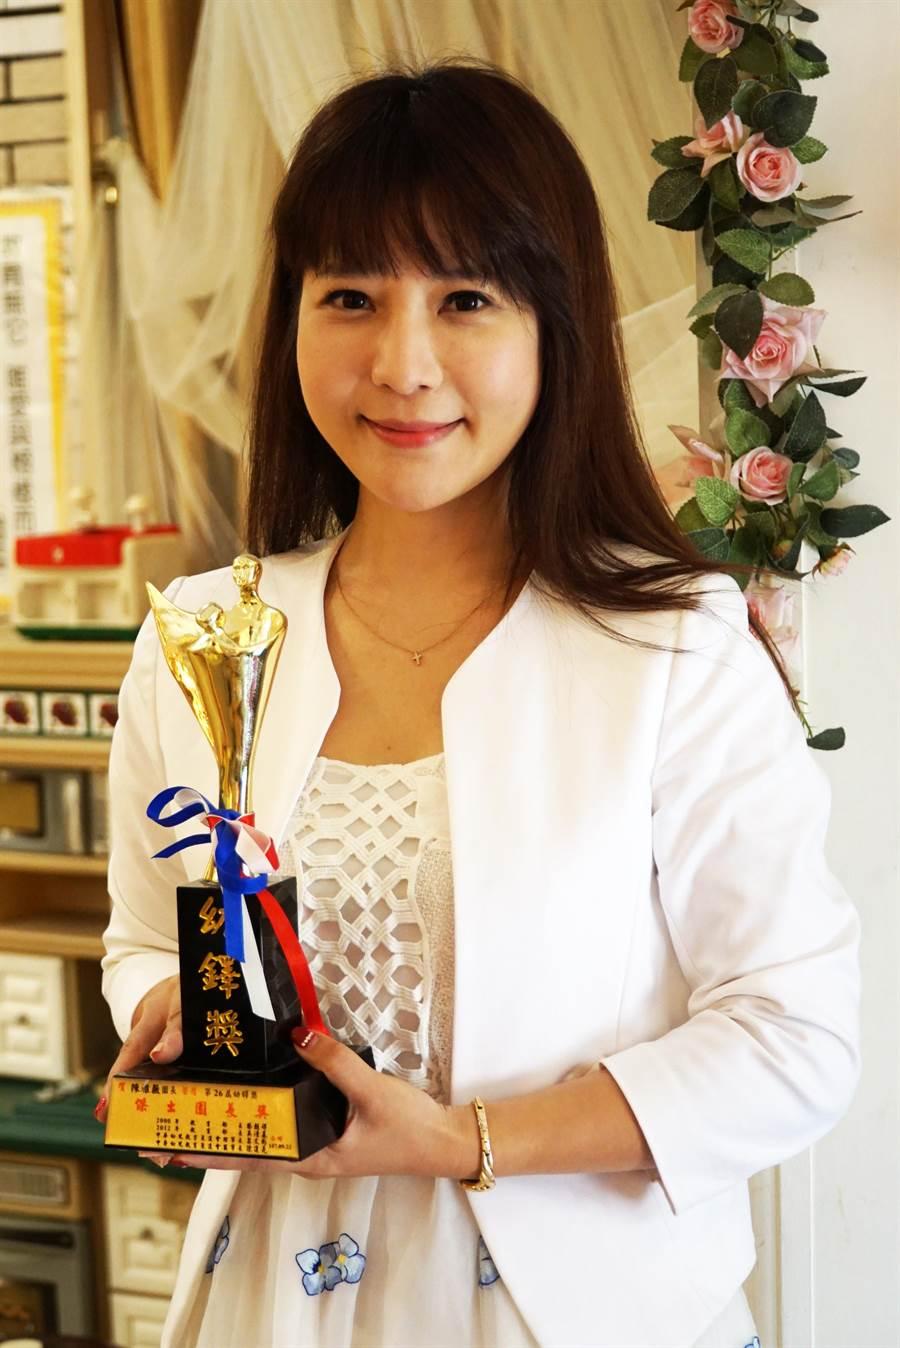 大葉大學視傳系校友陳雅薇連續兩年獲幼鐸獎。(謝瓊雲翻攝)